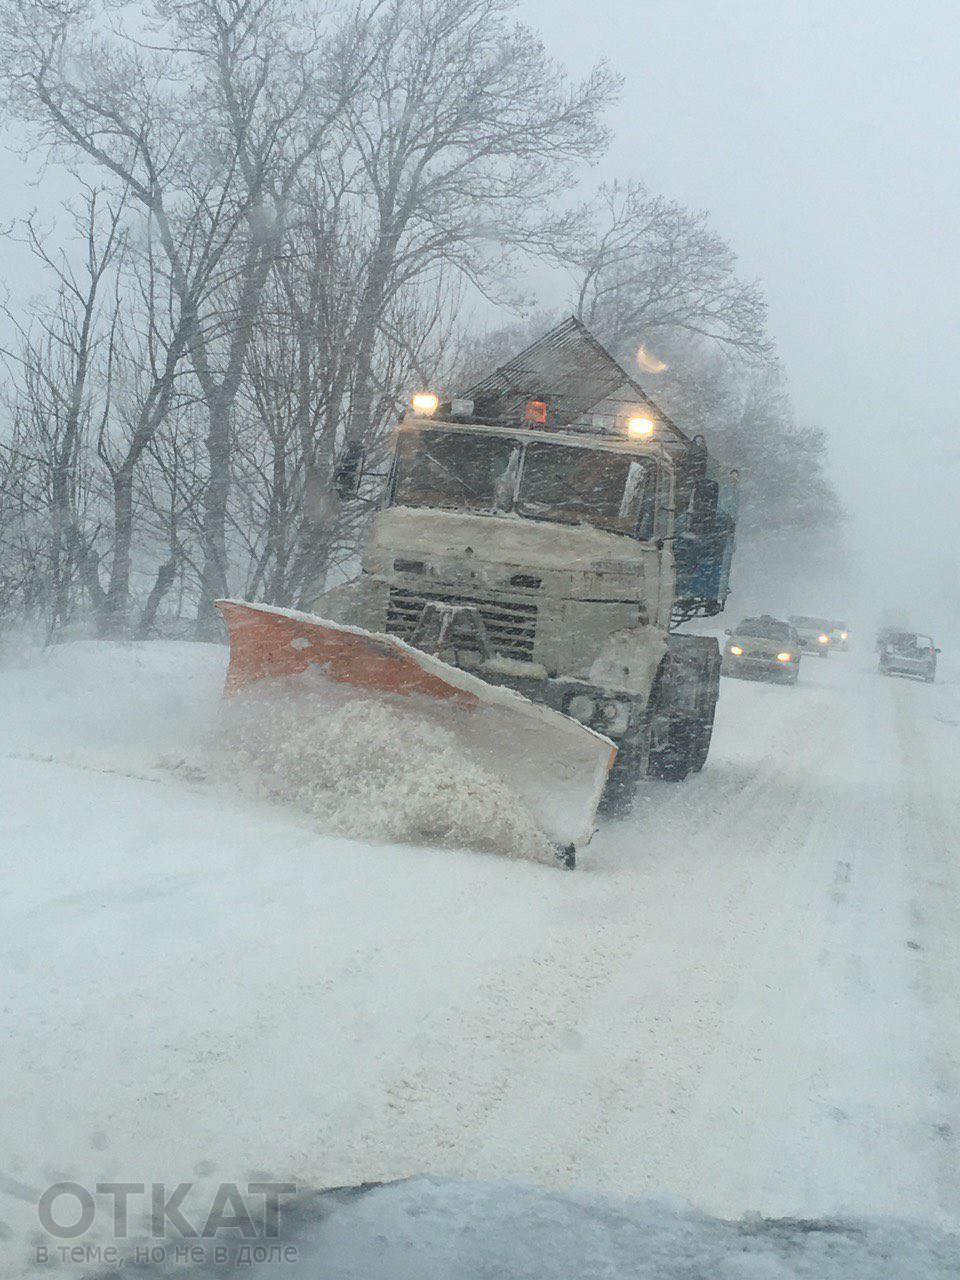 Фото с сайта Службы автомобильных дорог Одесской области